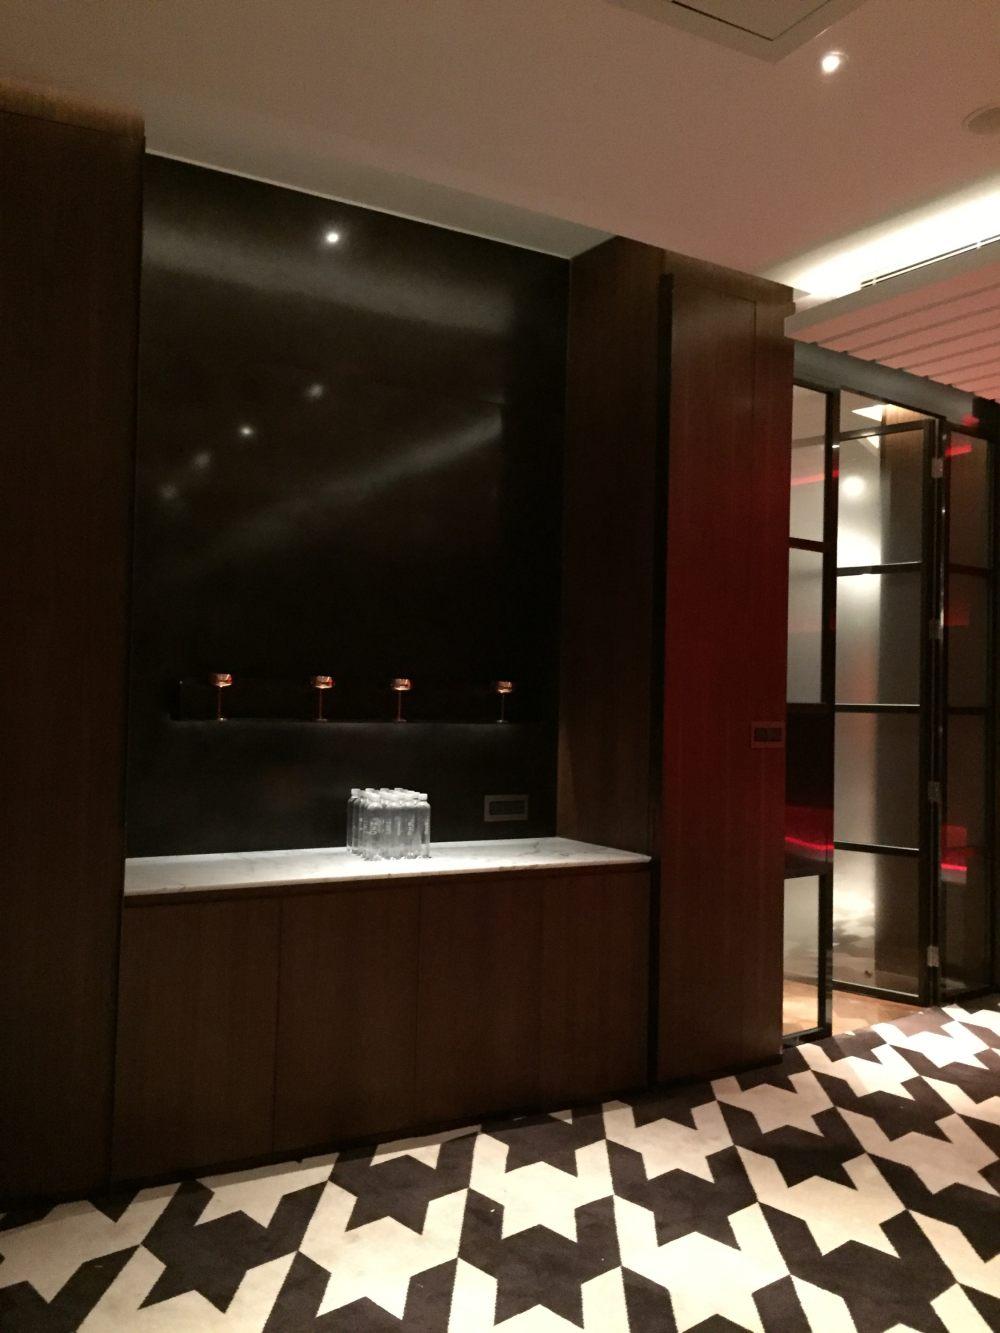 上海外滩W酒店,史上最全入住体验 自拍分享,申请置...._IMG_6051.JPG